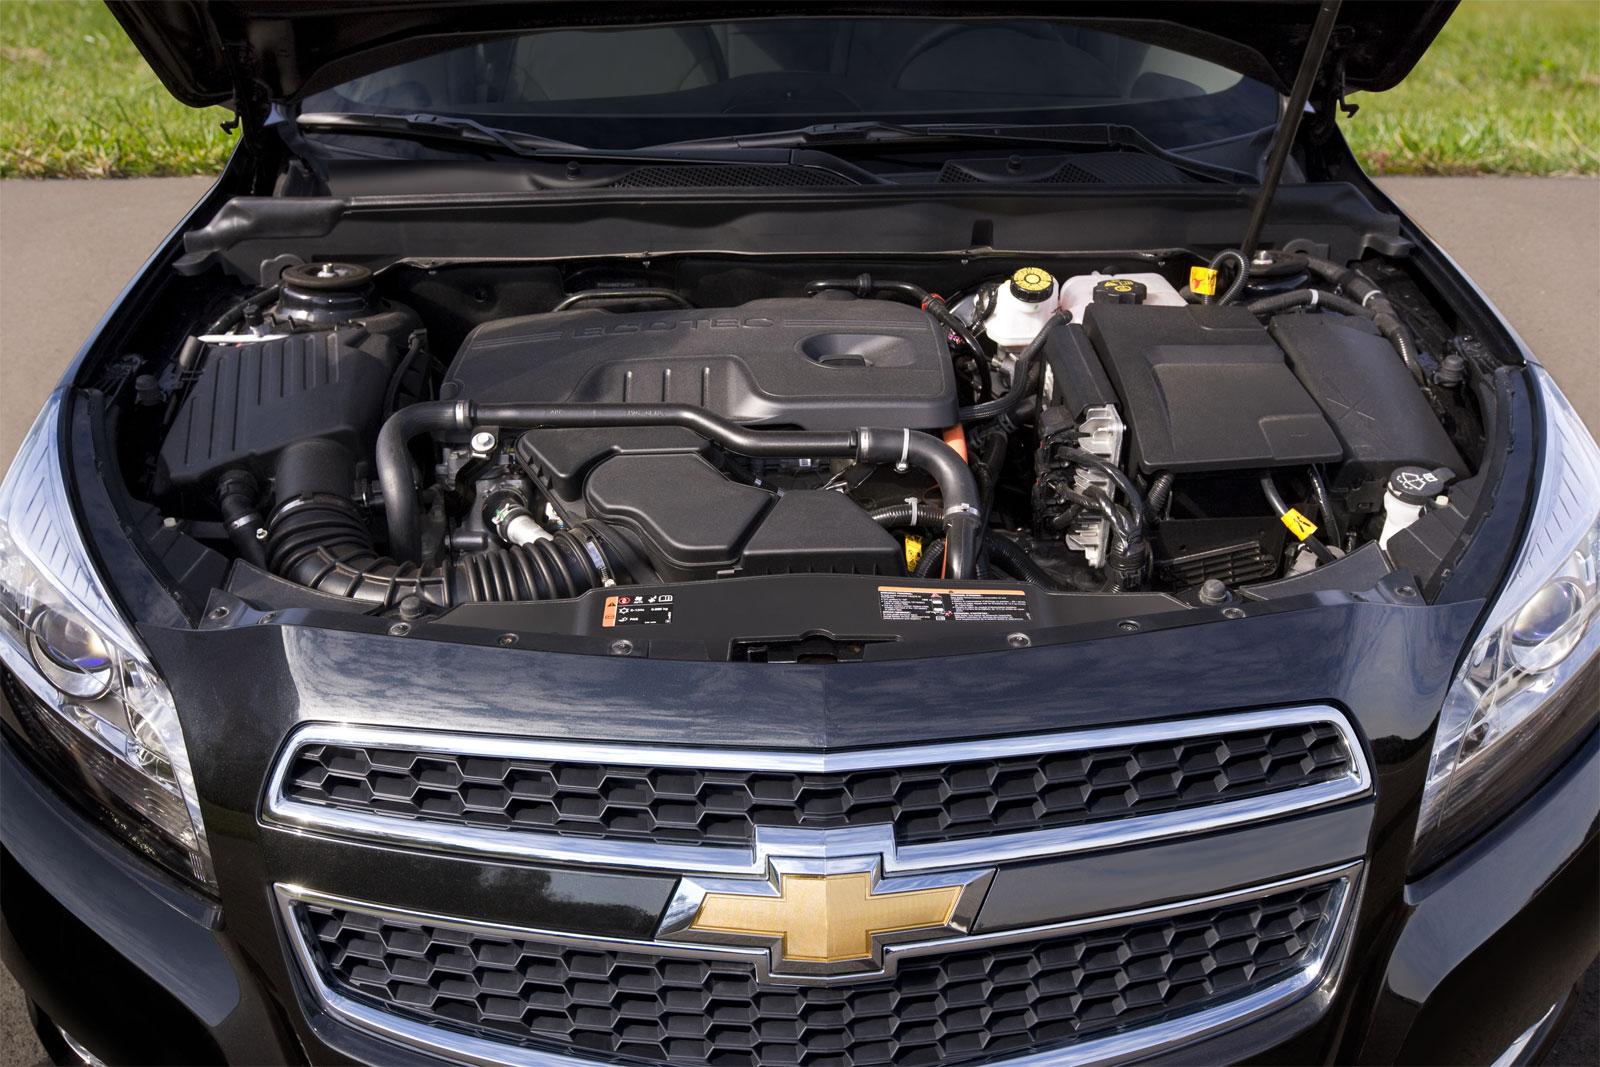 http://2.bp.blogspot.com/-1R6PWuvzdQA/T-sOUjojx9I/AAAAAAAAD-Y/abfiYGcw3SU/s1600/Chevrolet+Malibu+Eco+Hd+Wallpapers+2013_4.jpg